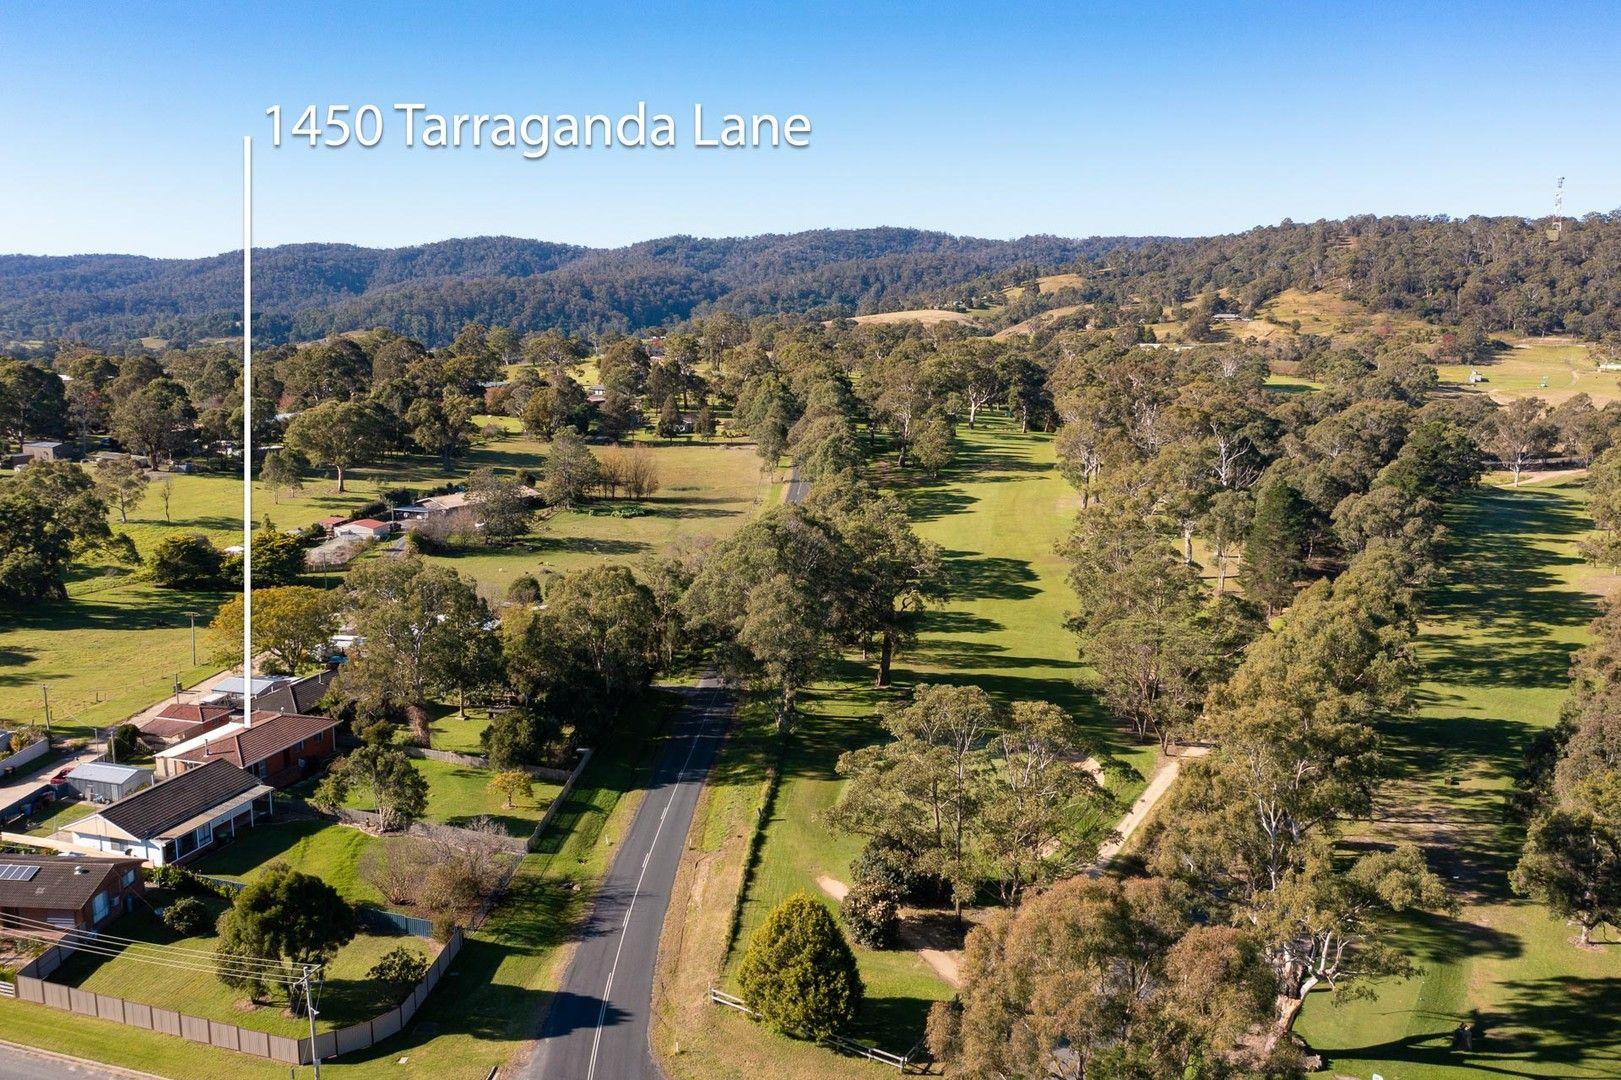 1450 Tarraganda Lane, Tarraganda NSW 2550